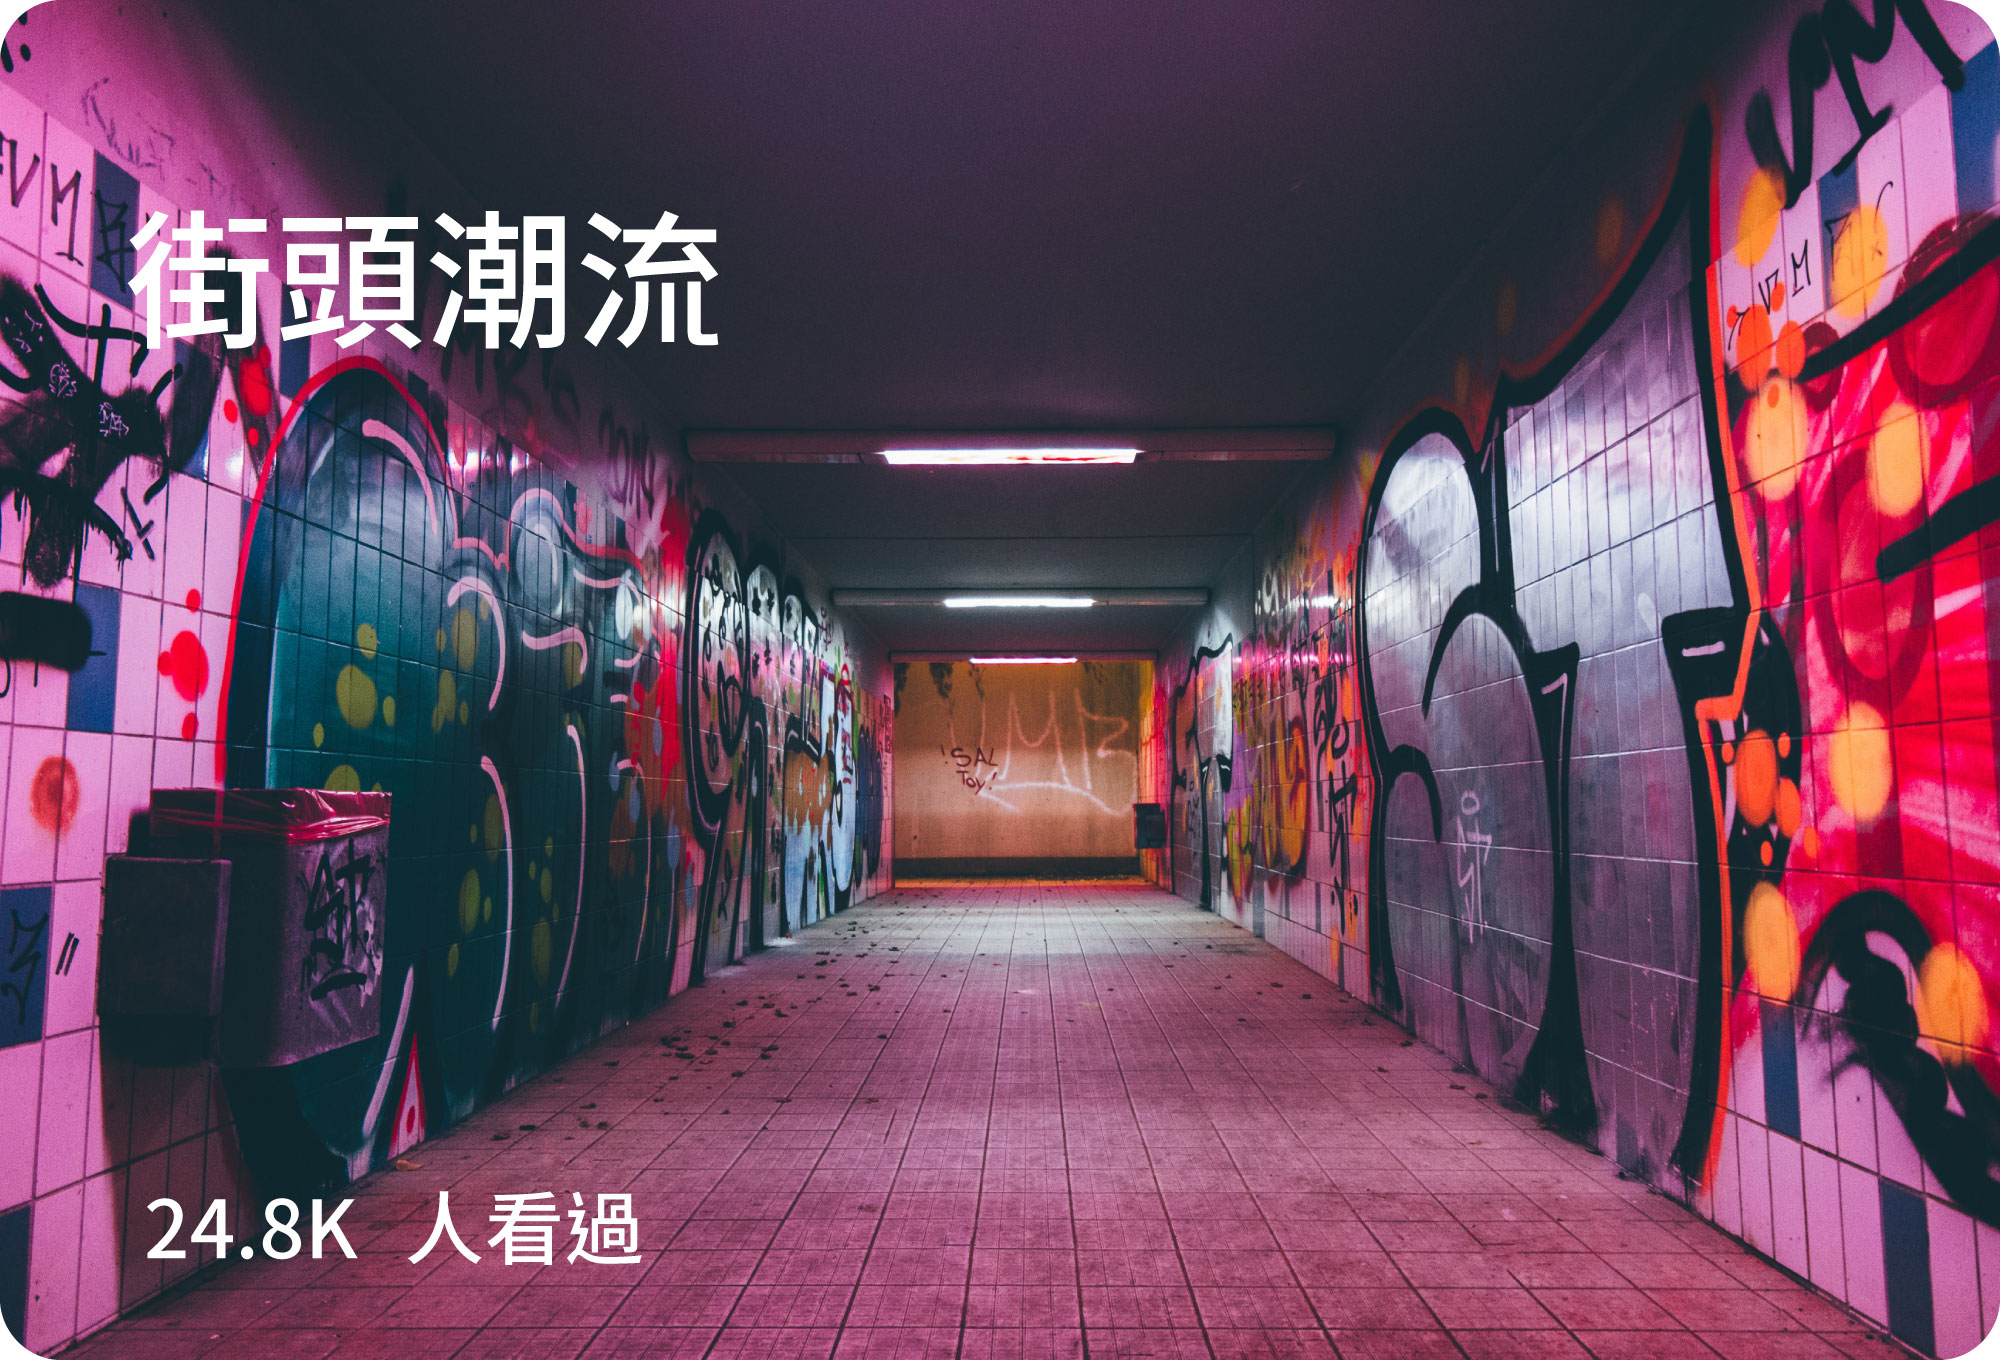 街頭潮流-IPhone XS Max保護殼